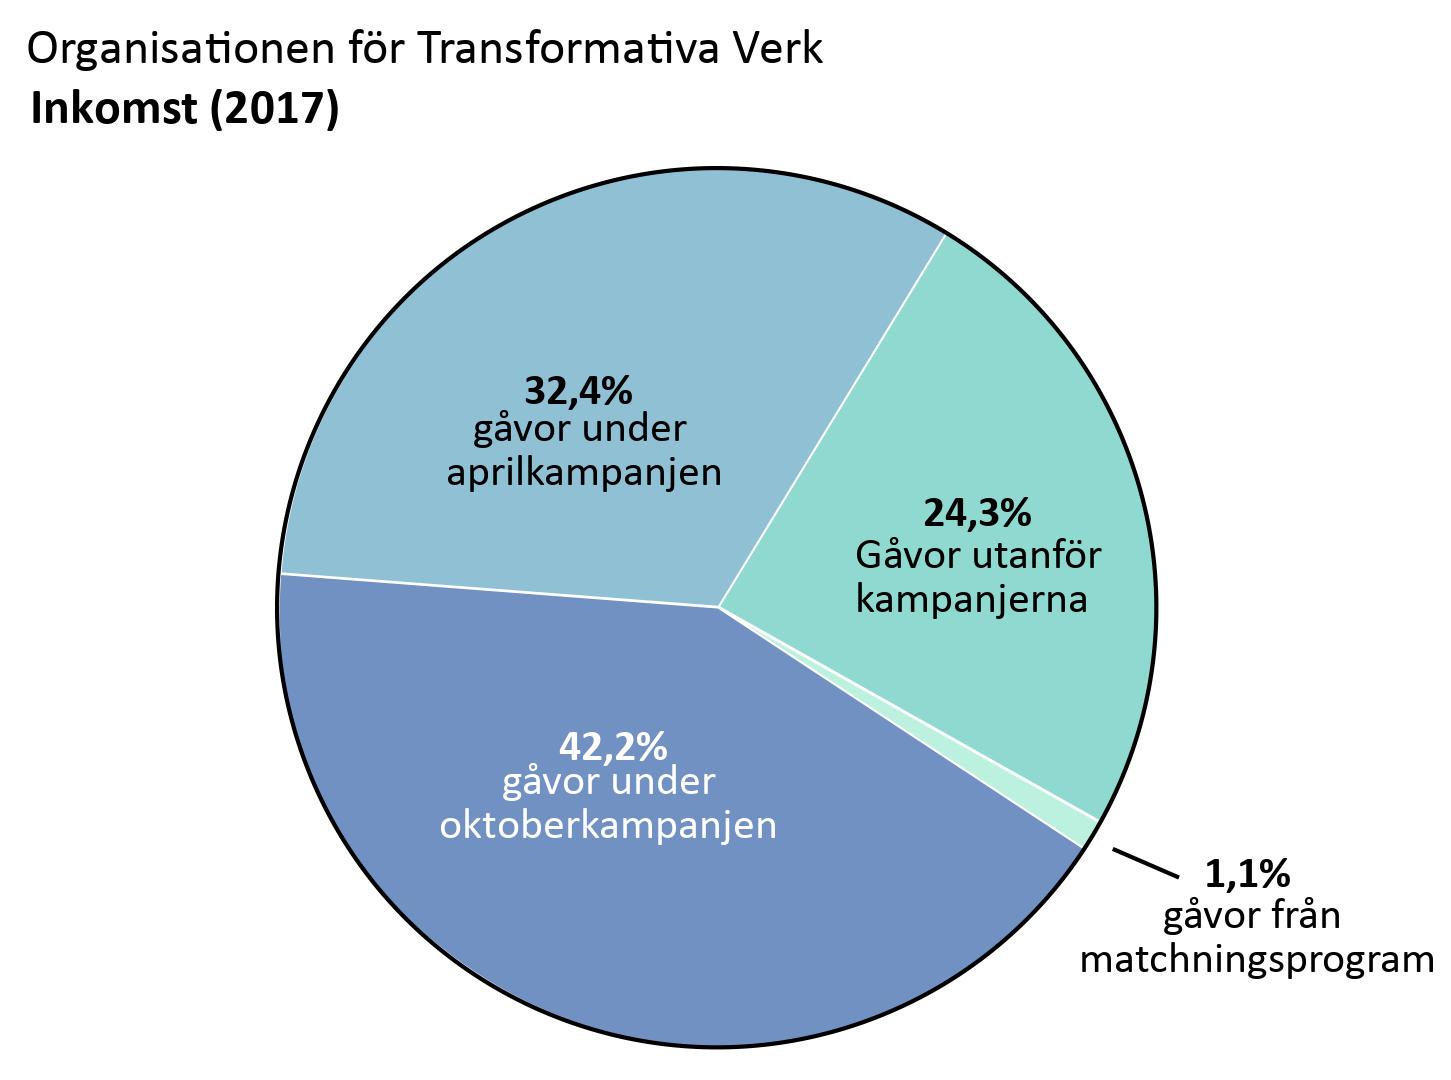 OTWs inkomster: Gåvor under aprilkampanjen: 32,4%, gåvor under oktoberkampanjen: 42,2%. Gåvor utanför kampanjerna: 24,3%. Gåvor från matchningsprogram: 1,1%.